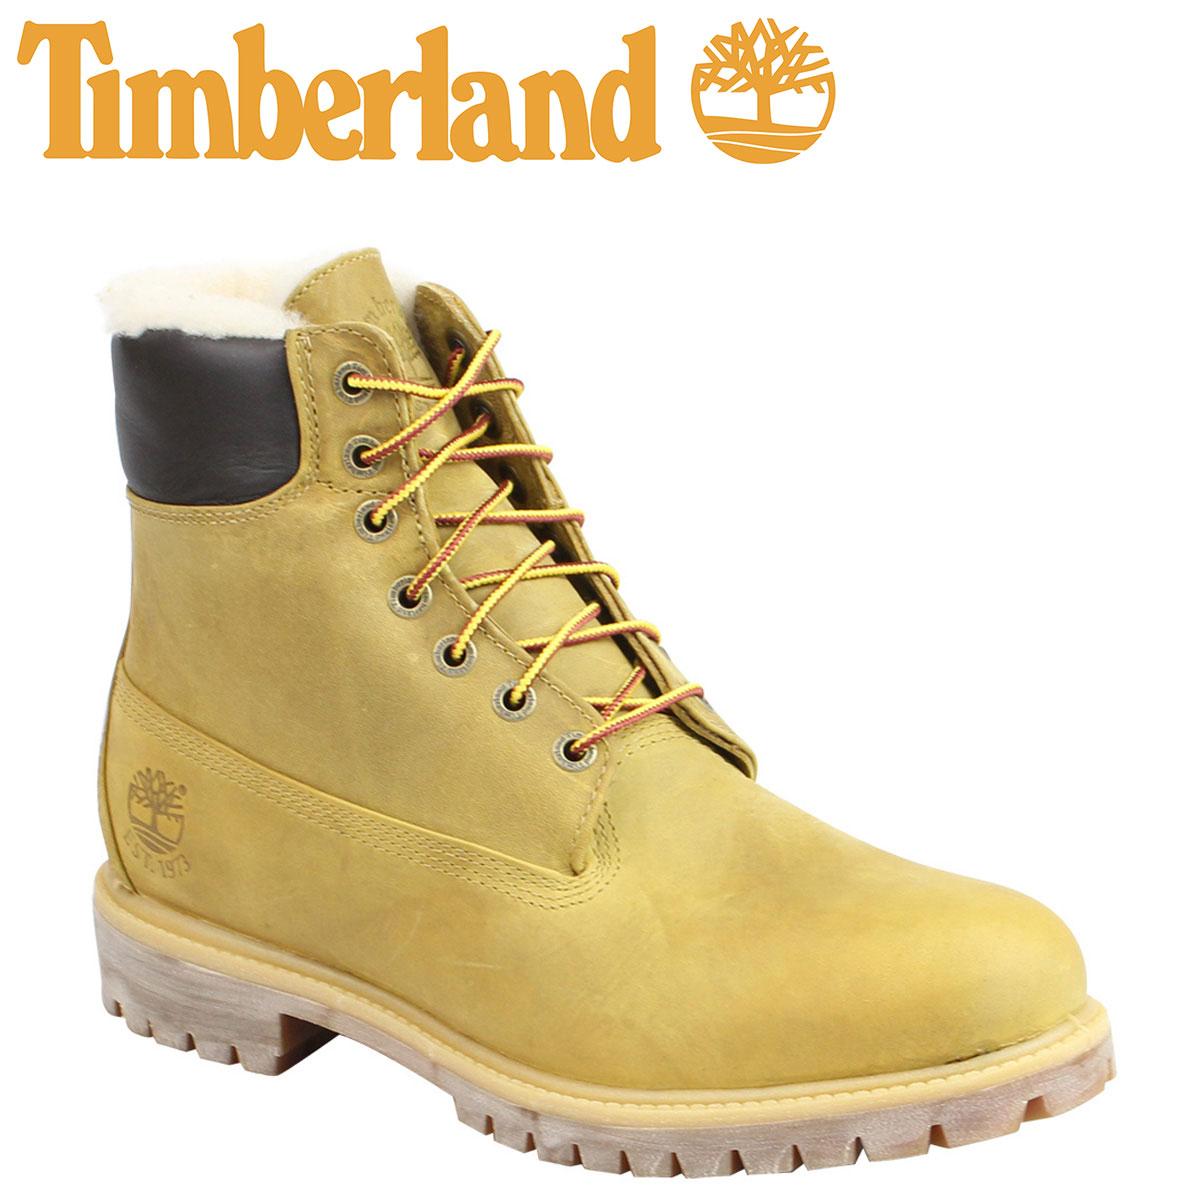 ティンバーランド ブーツ メンズ 6インチ Timberland HERITAGE 6INCH SHEARLING LINED ヘリテージ シャーリング ライン A1157 Wワイズ ライトブラウン